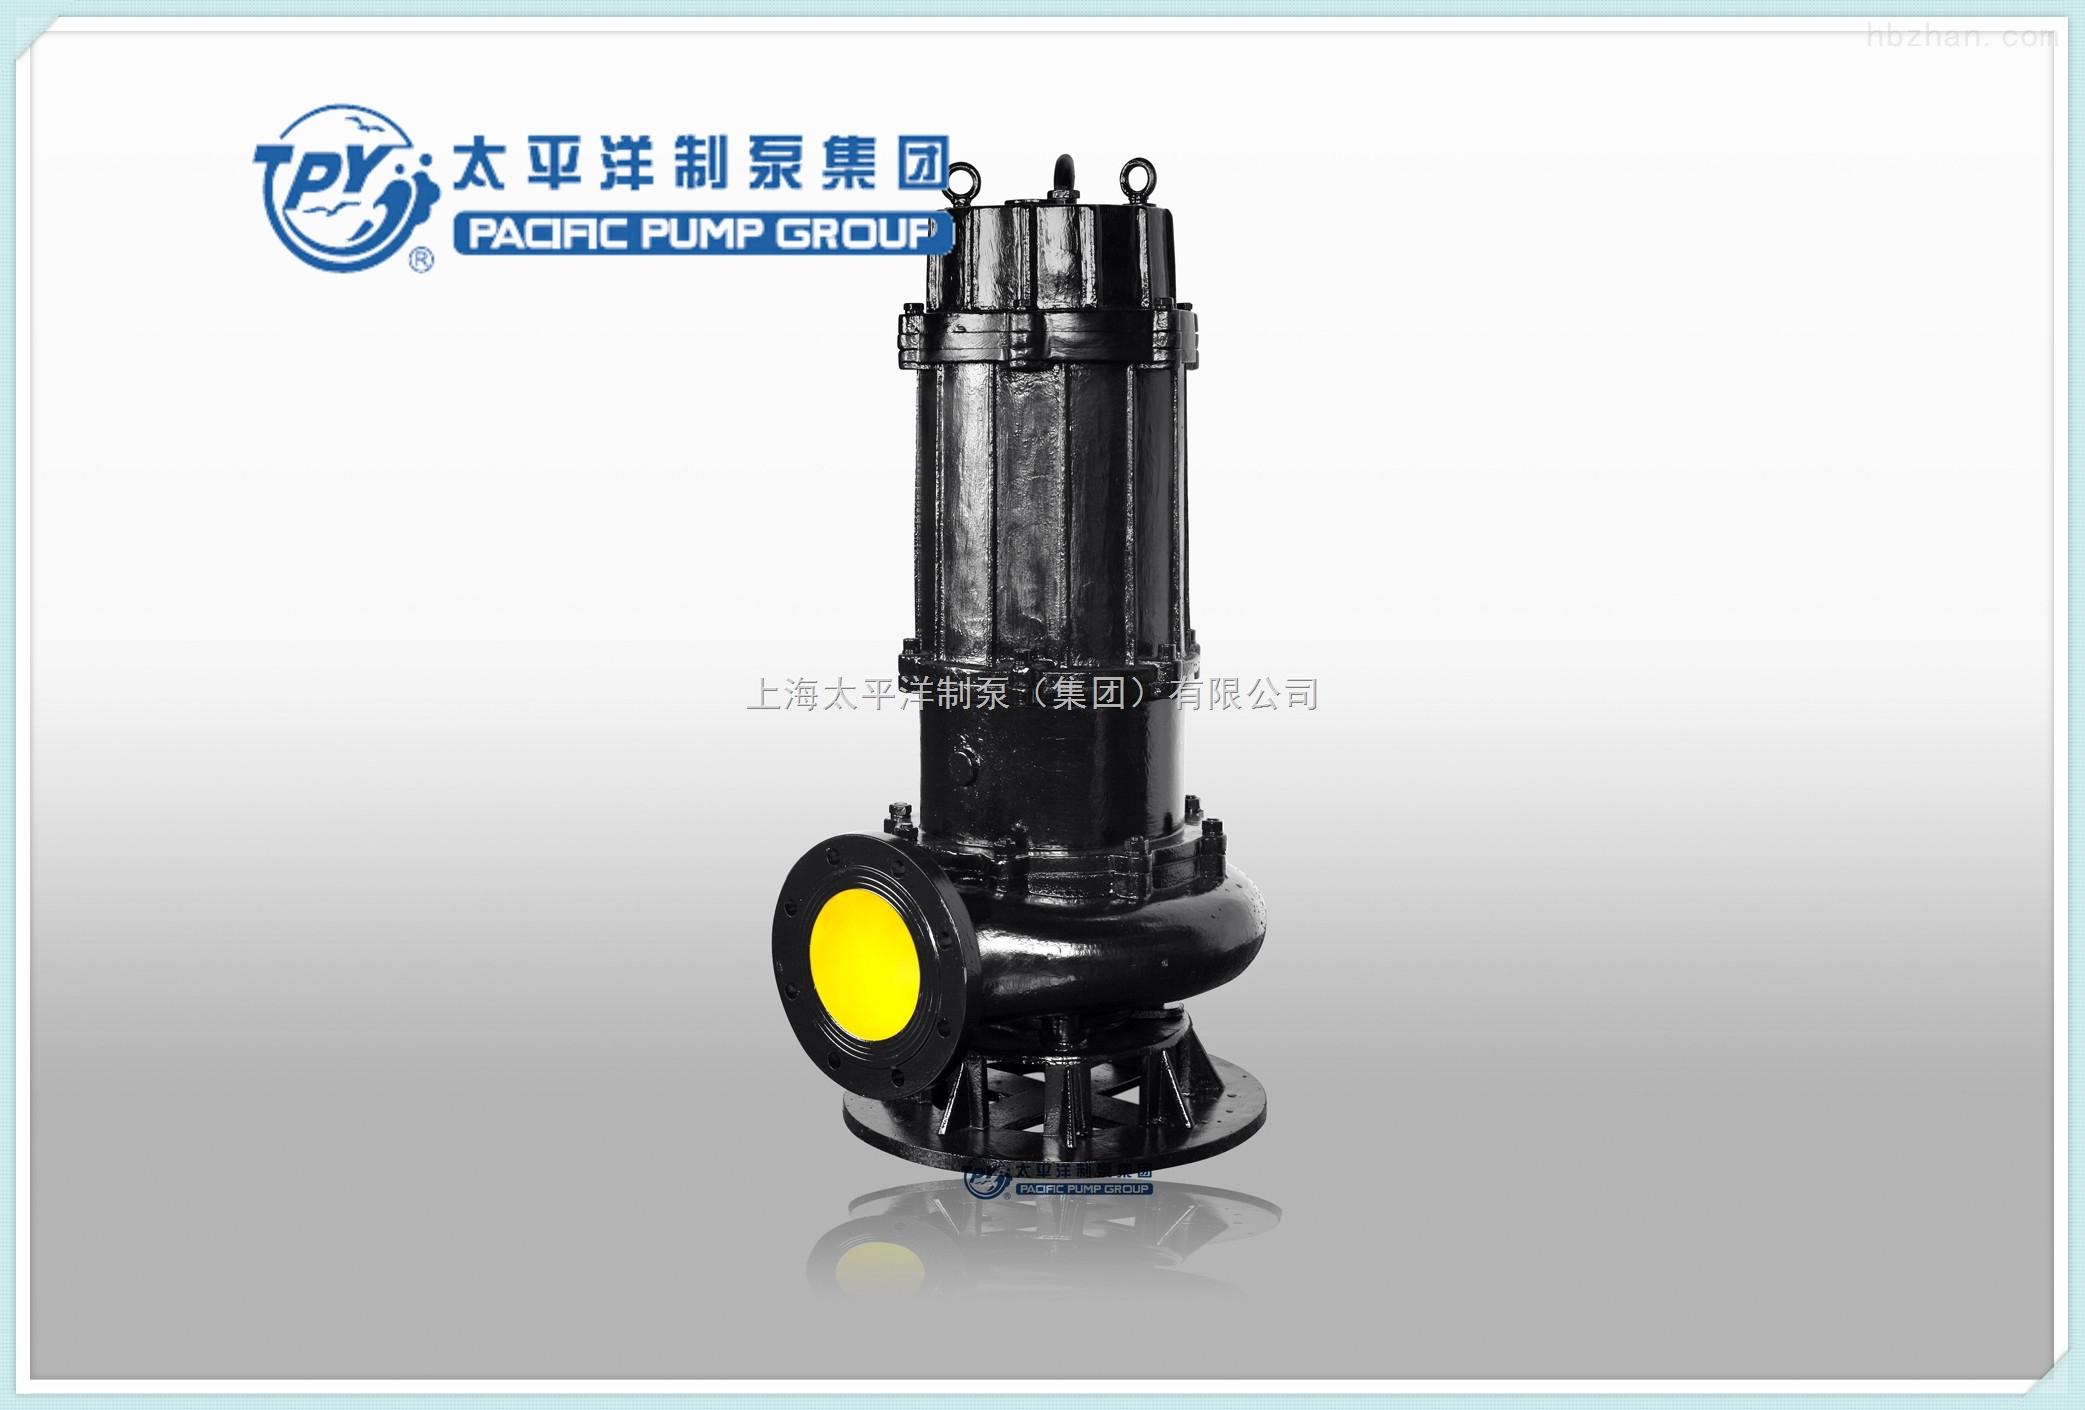 qw(wq)型 上海太平洋qw/wq型无堵塞潜水排污泵